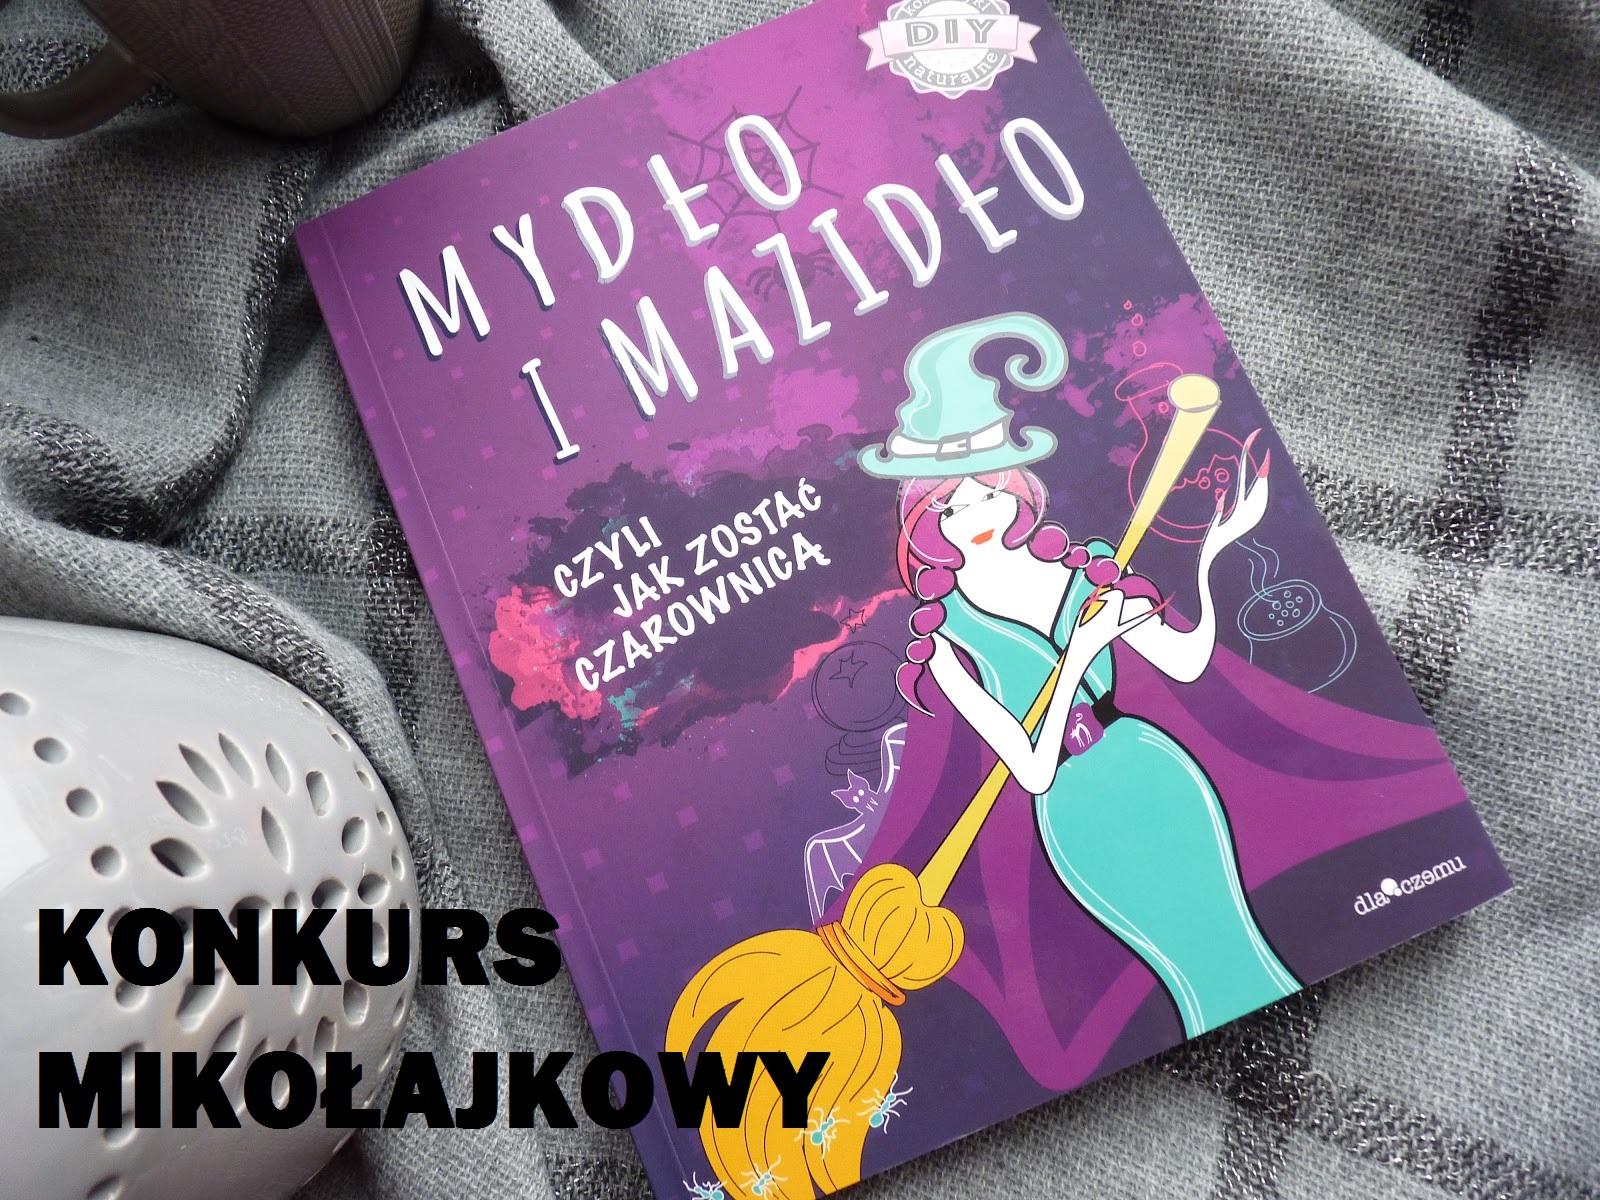 Konkurs Mikołajkowy